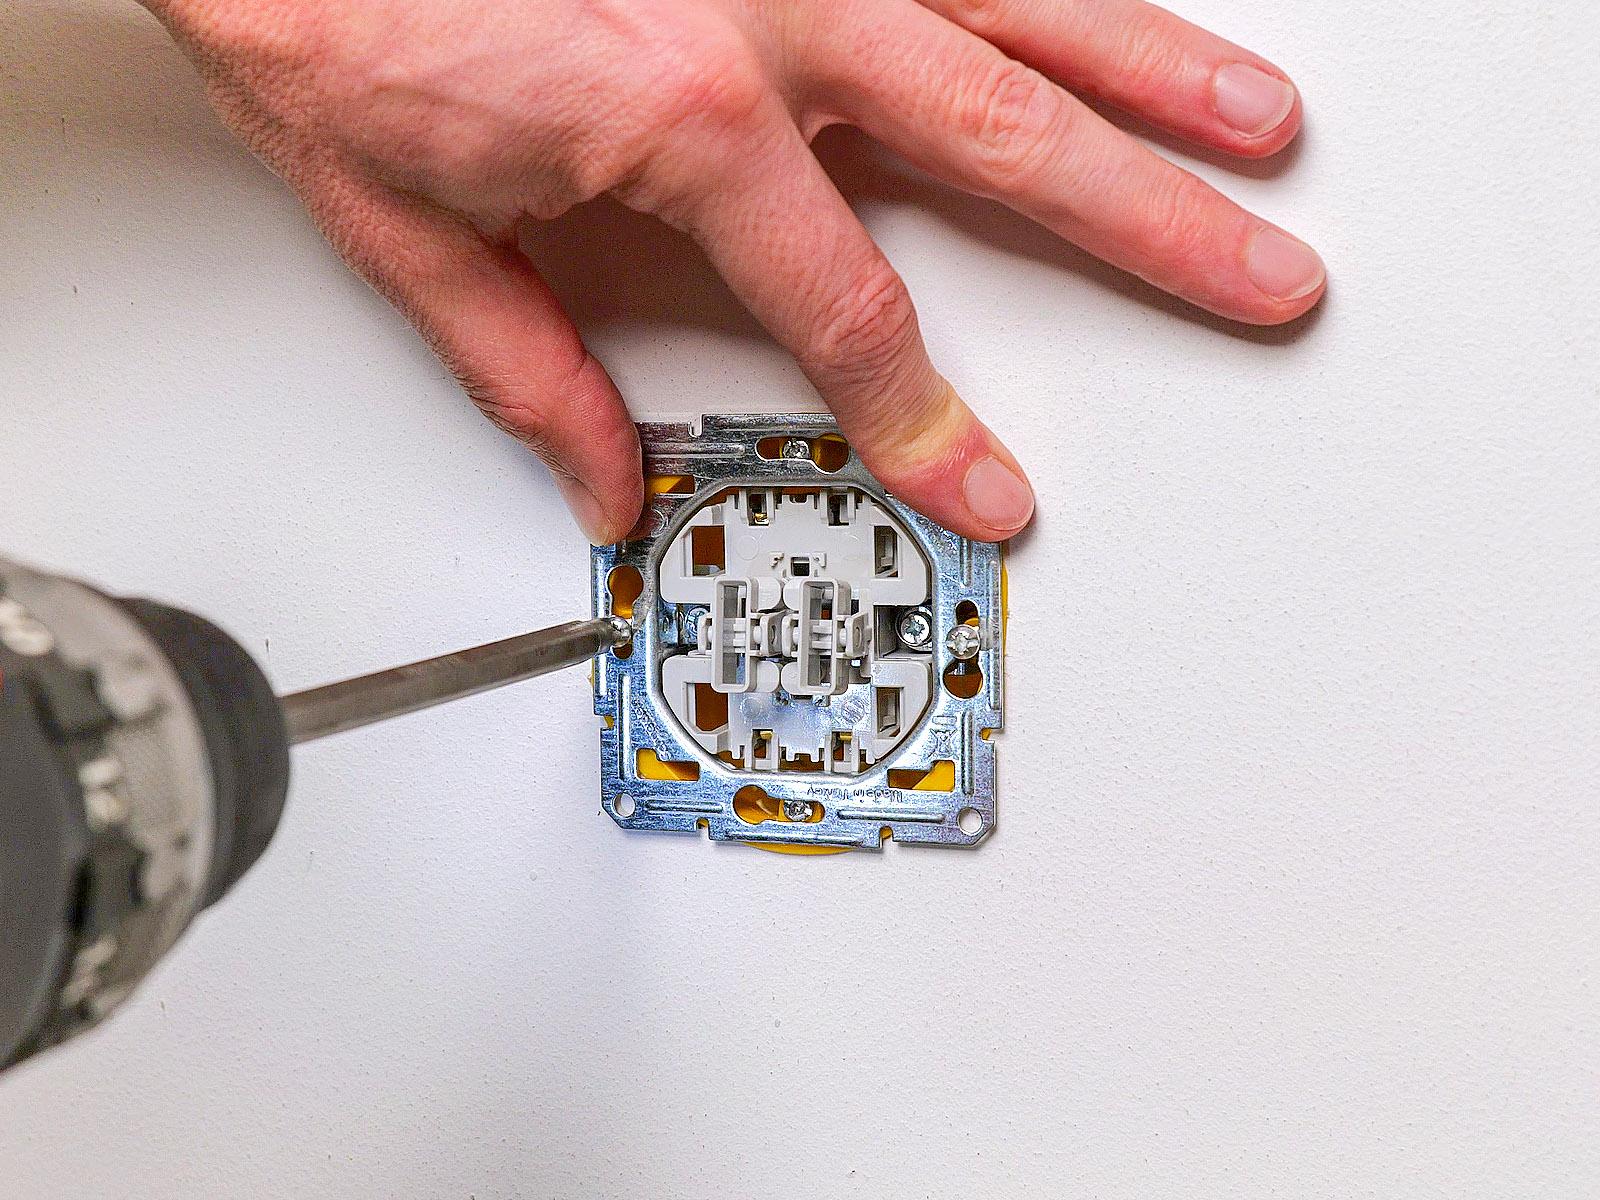 Az Asfora mechanizmusok kiváló minőségű anyagokból készülnek és jól szerelhetőek.